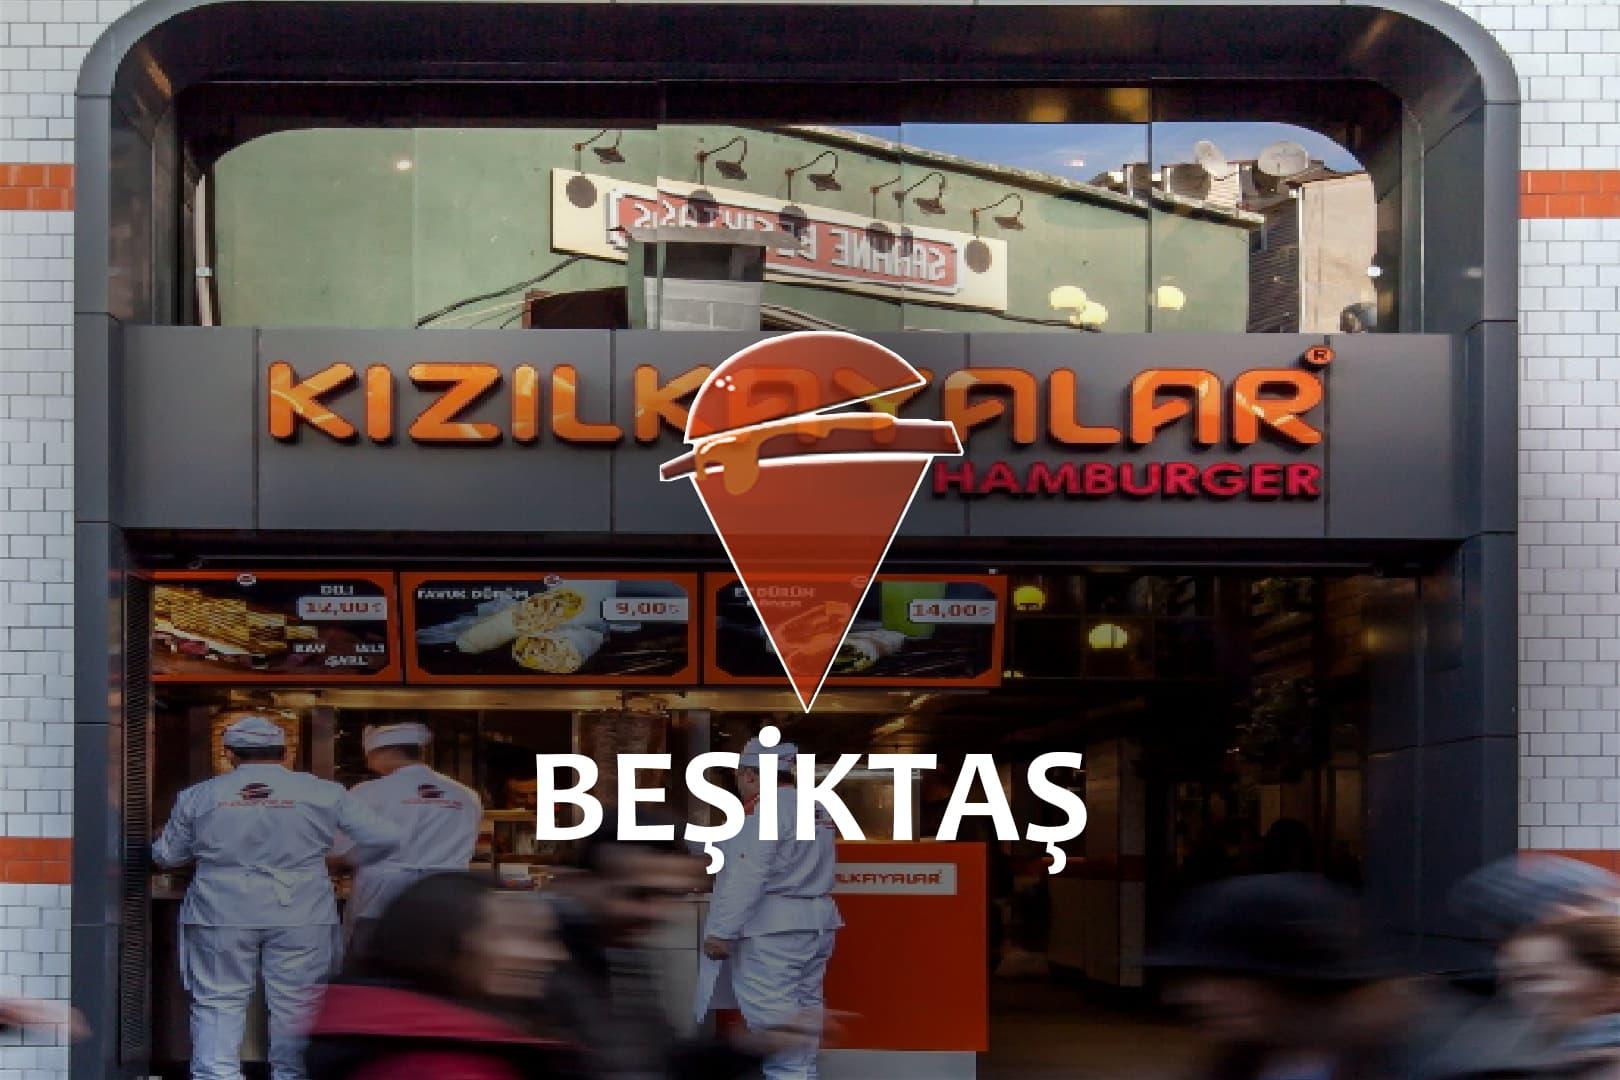 Kızılkayalar Beşiktaş Branch